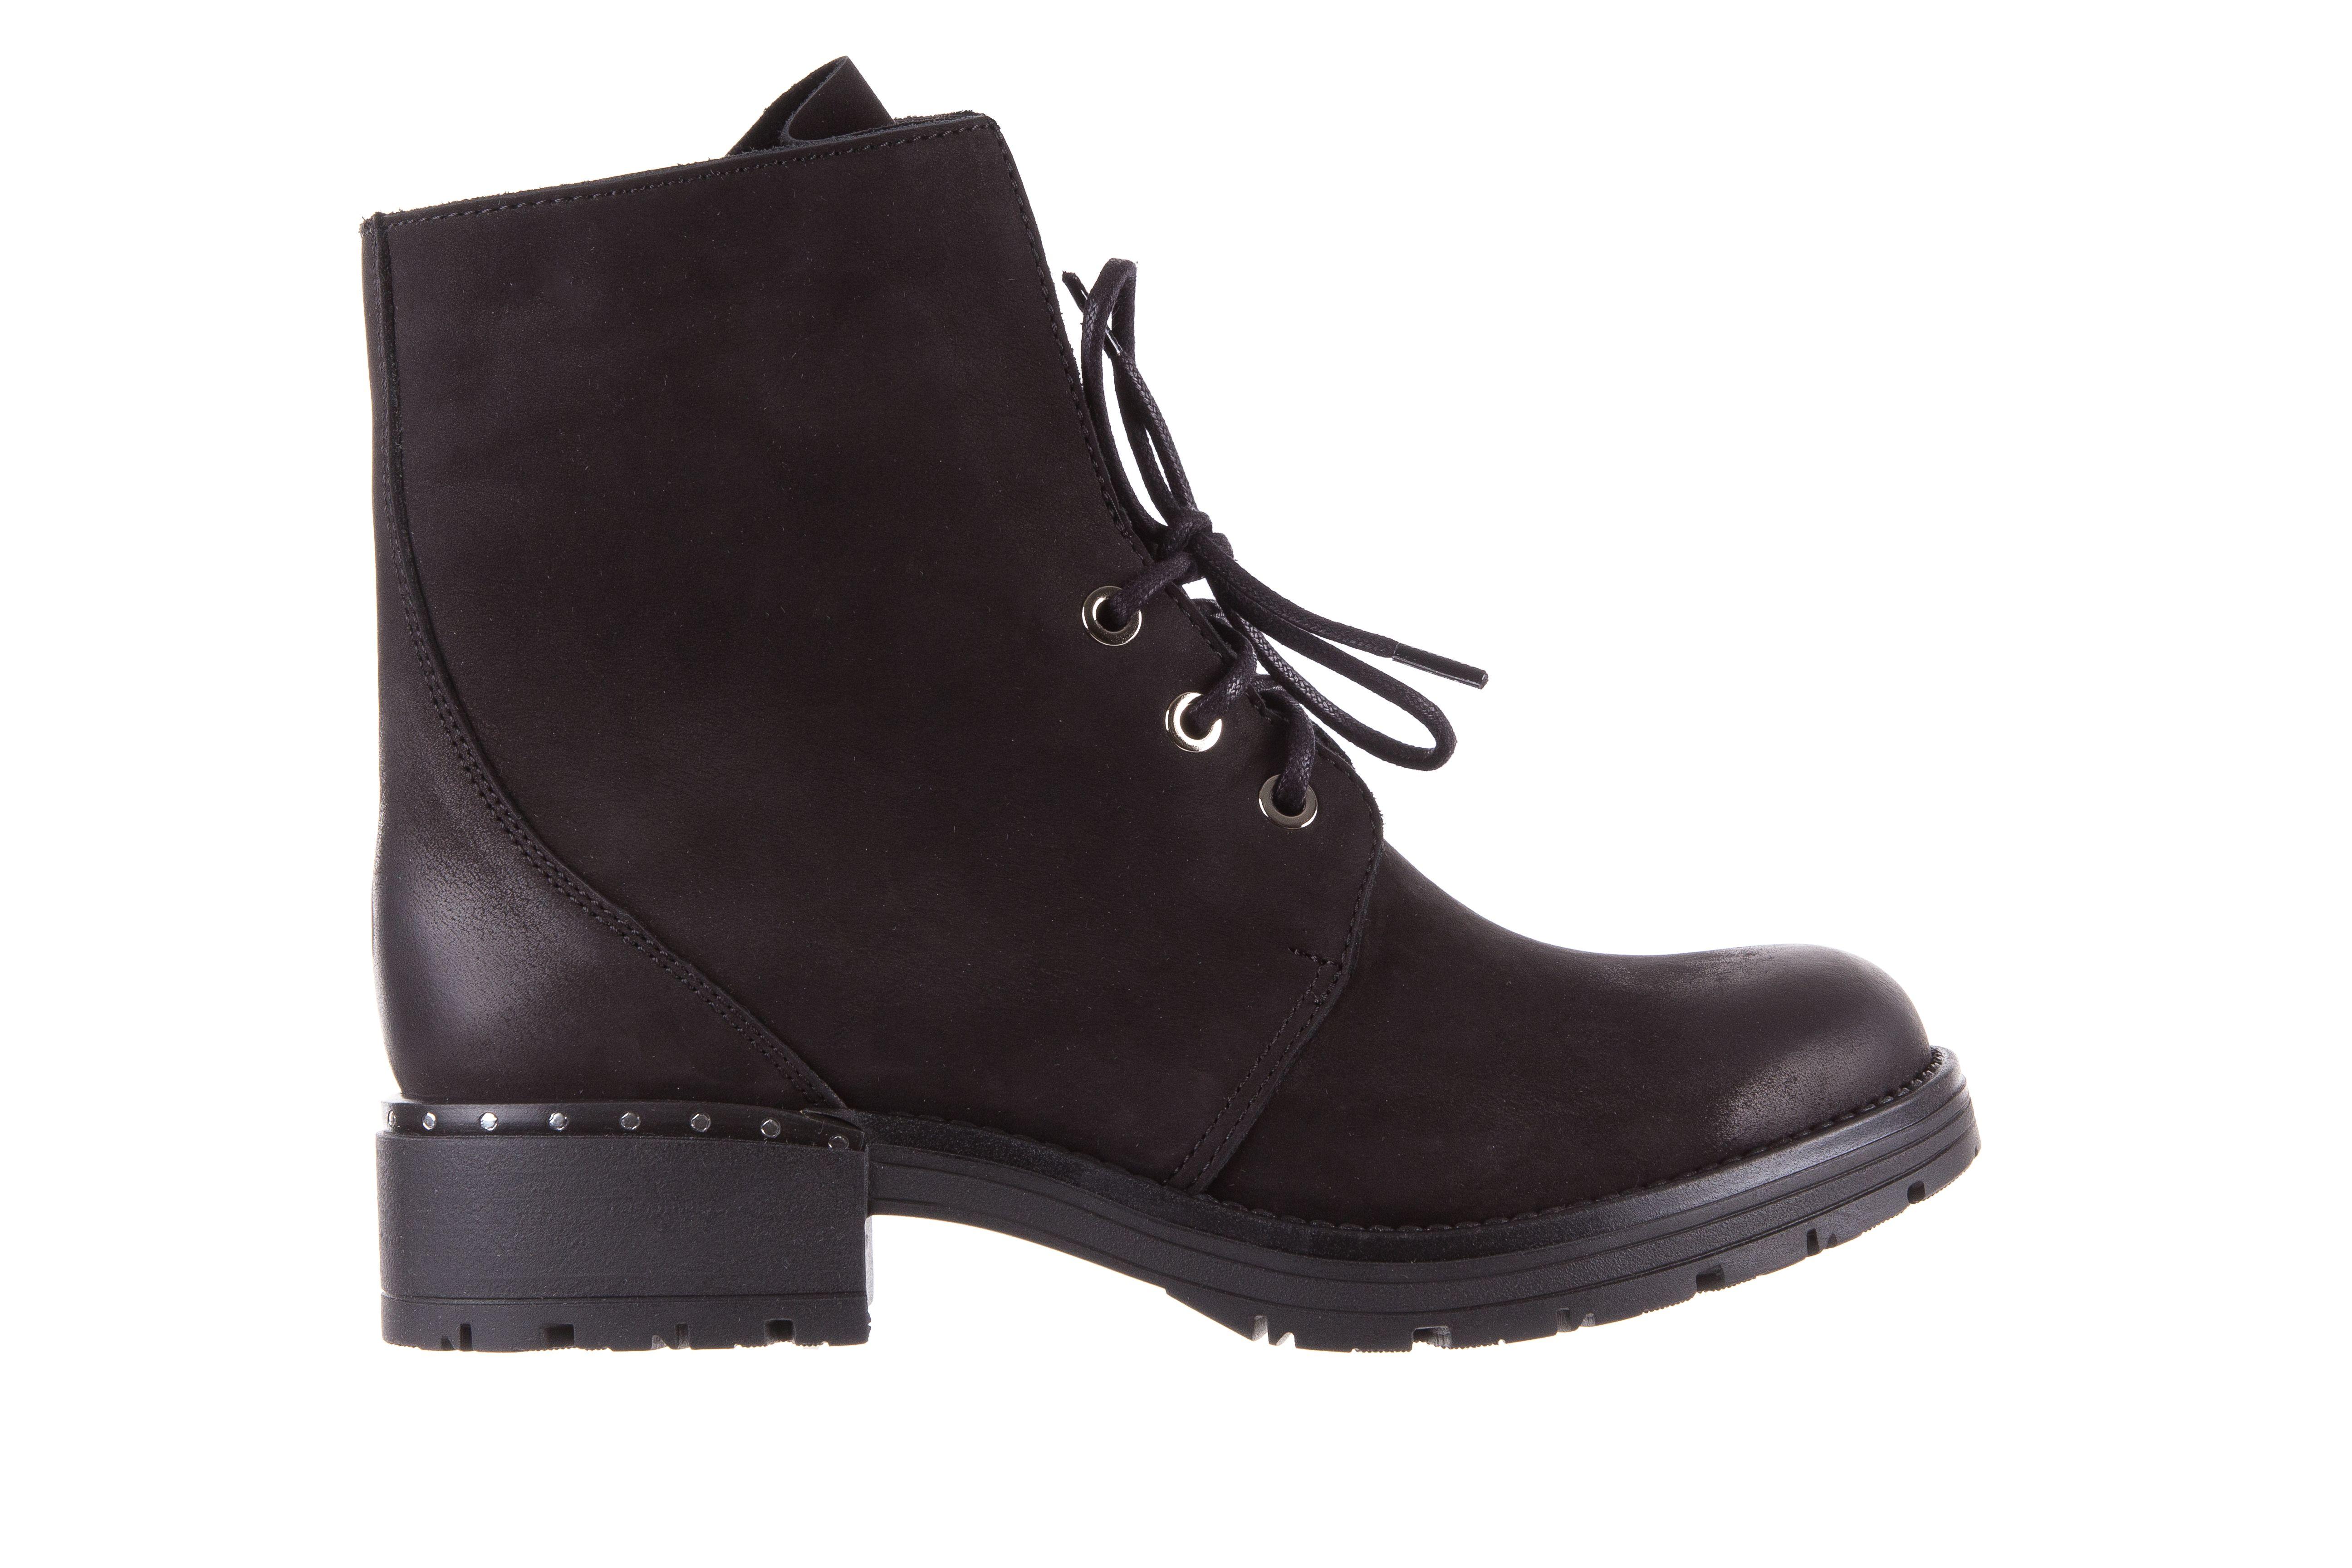 Bayla 170 2116 Czarne Trzewiki Czarne Sznurowane Trzewiki Z Naturalnej Skory Nubukowej Delikatnie Ocieplone Obcas 4 Cm Przeci Timberland Boots Shoes Boots